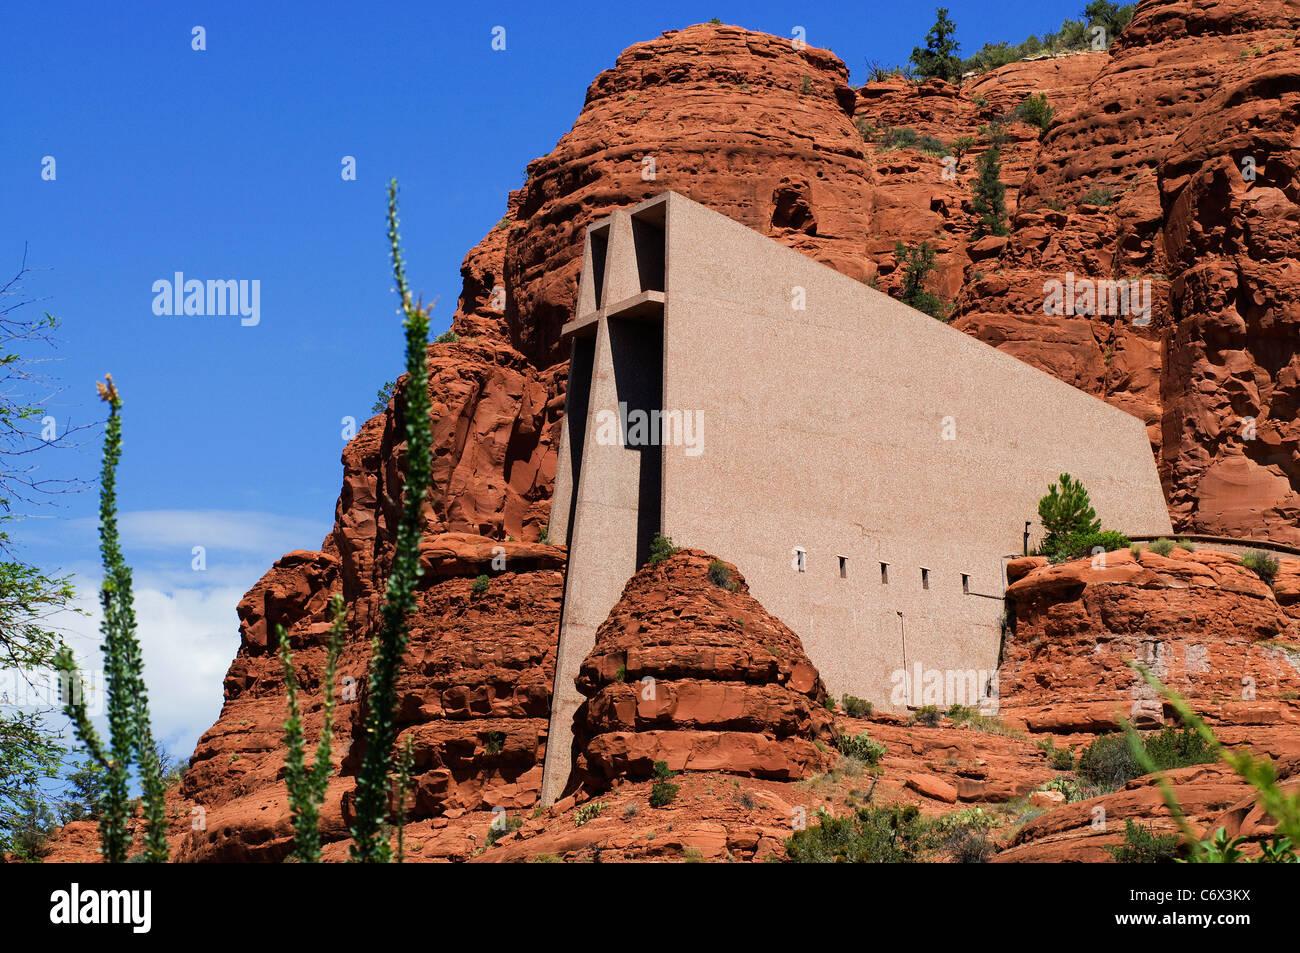 Chapel Holy Cross Sedona Az Stock Photo Royalty Free